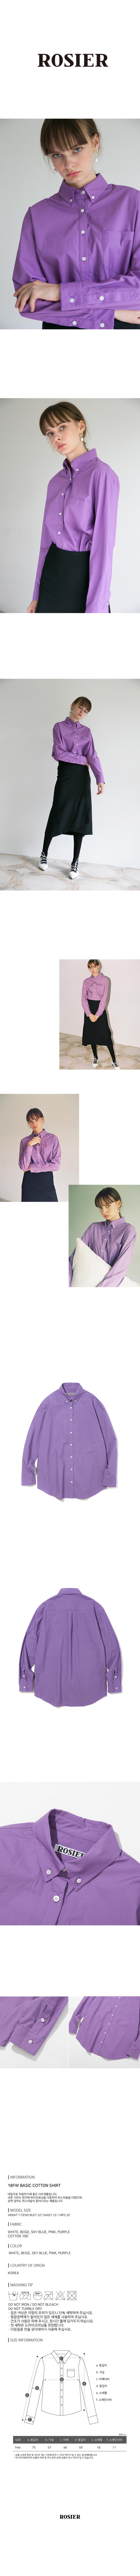 로지에(ROSIER) 18fw basic cotton shirt purple